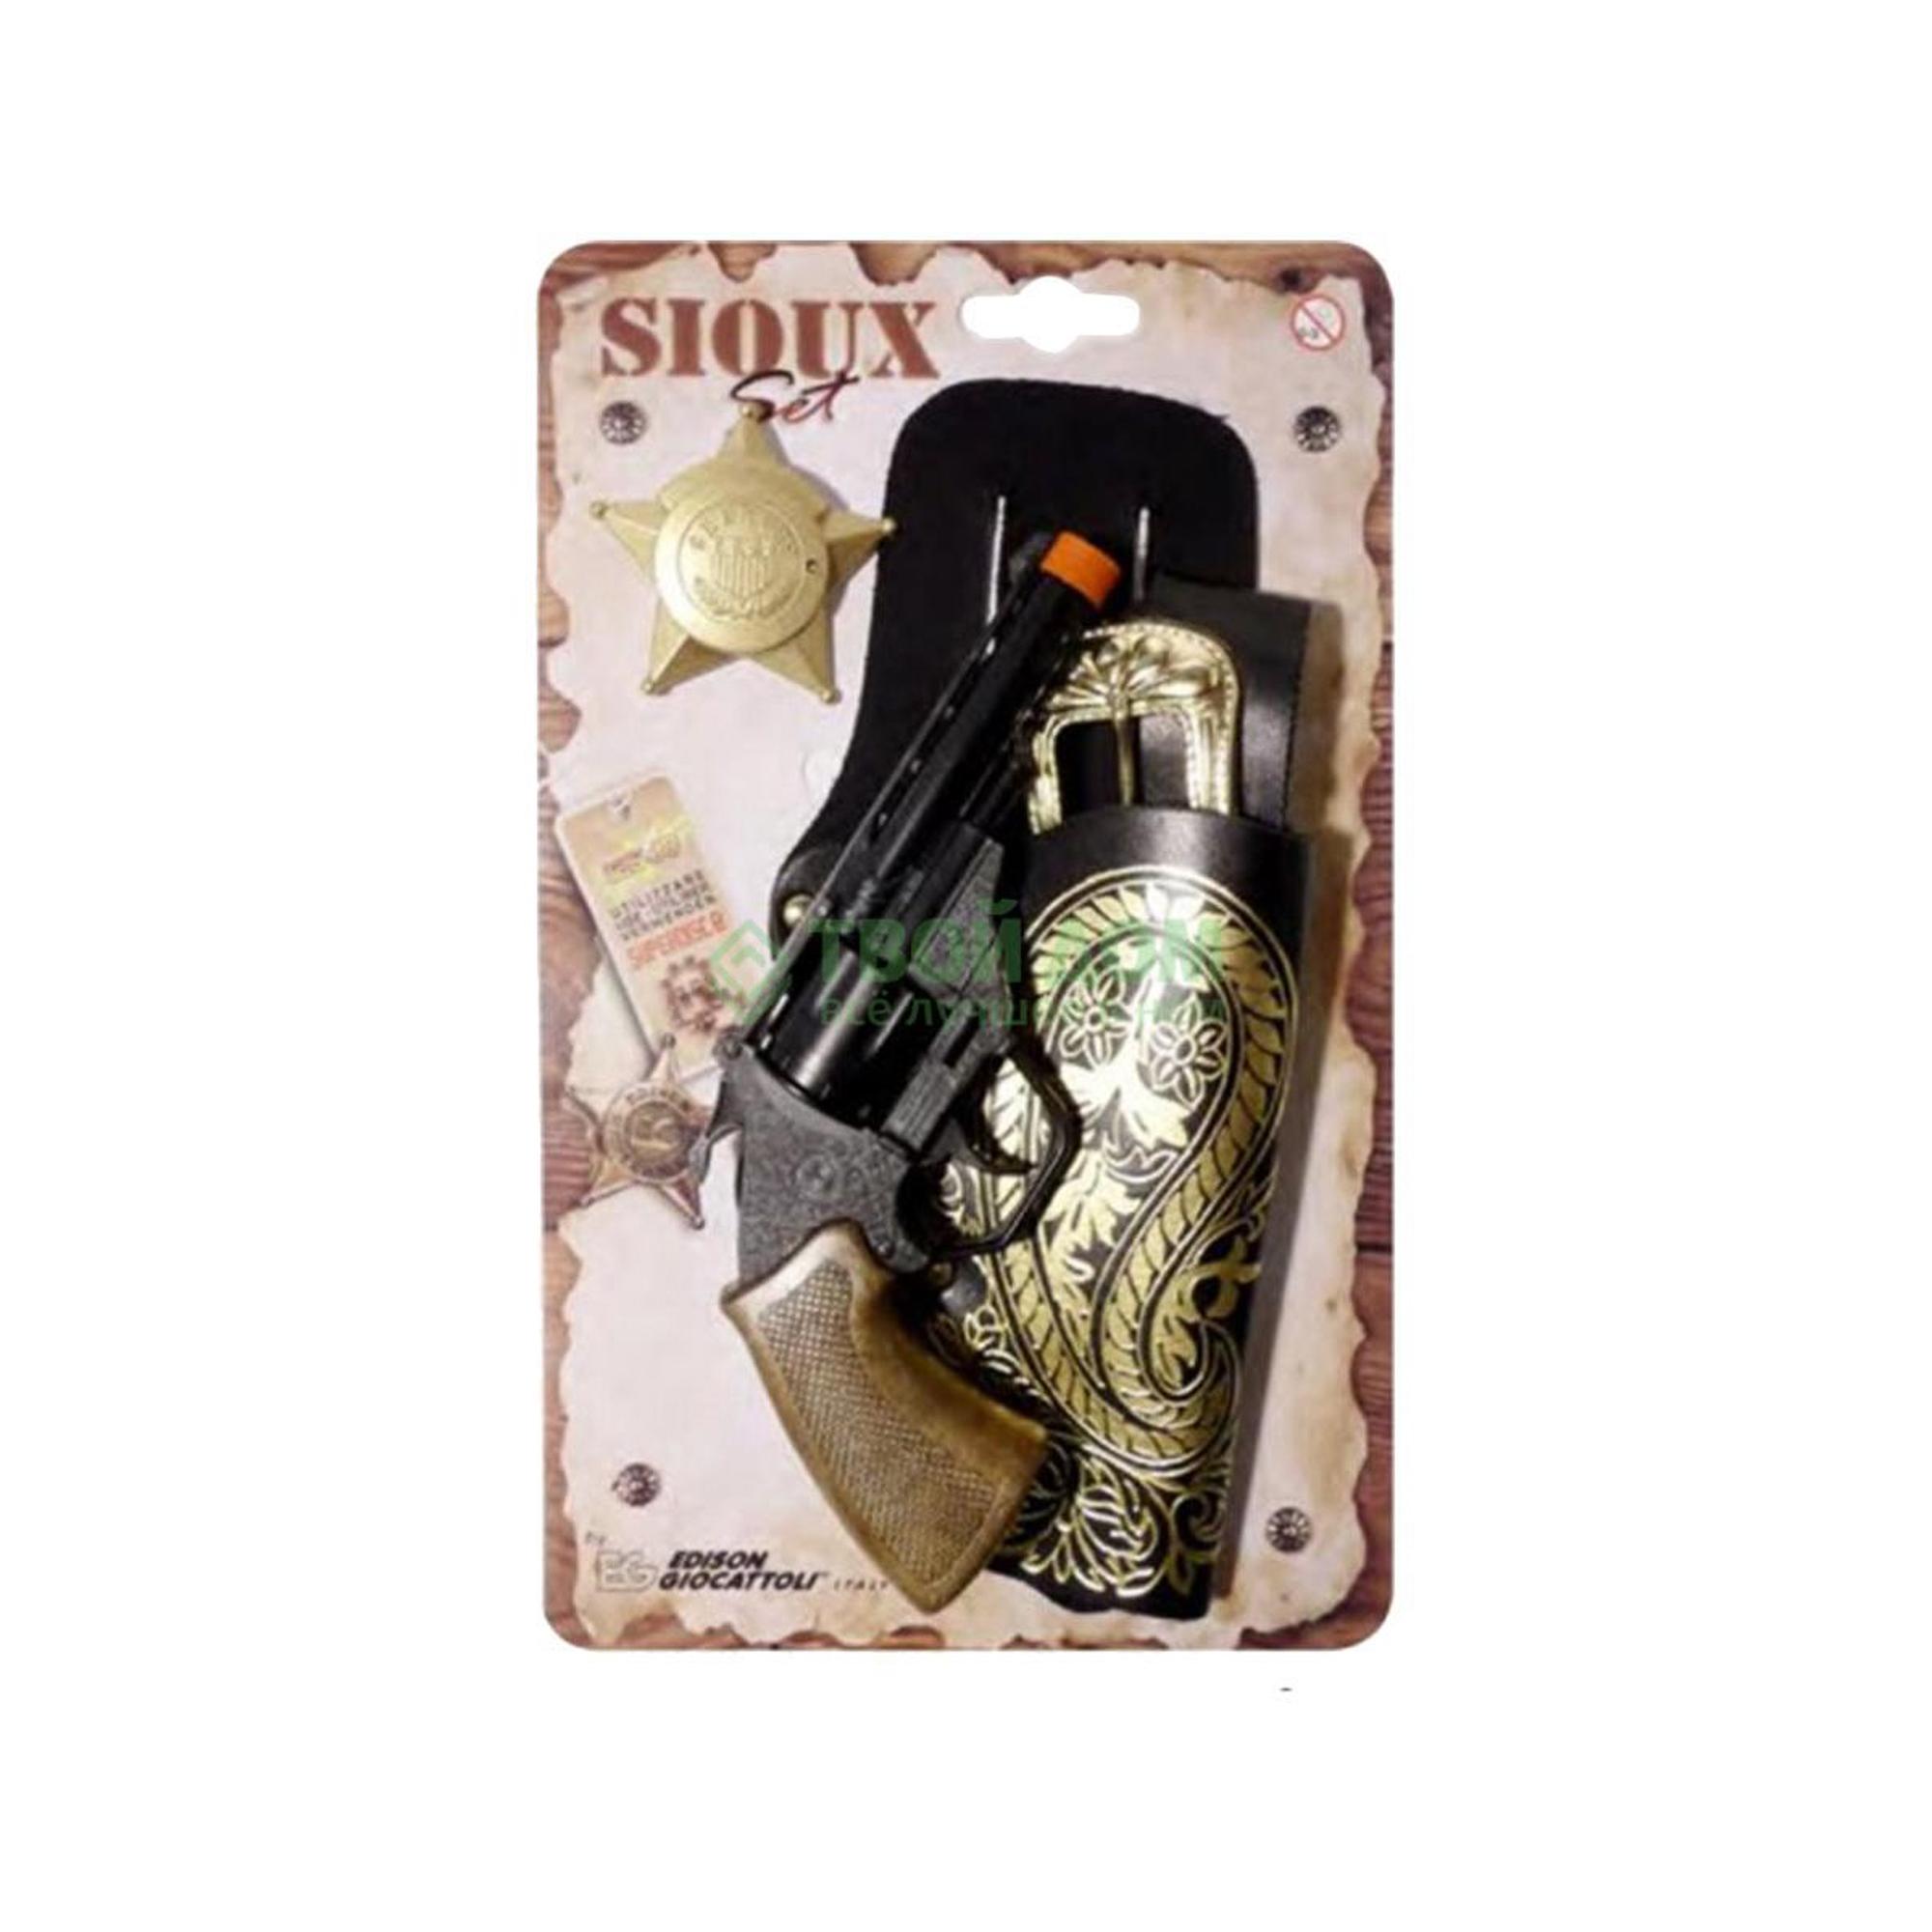 Пистолет Edison Набор sioux-set блистер 13-зарядный (0541/26) фото